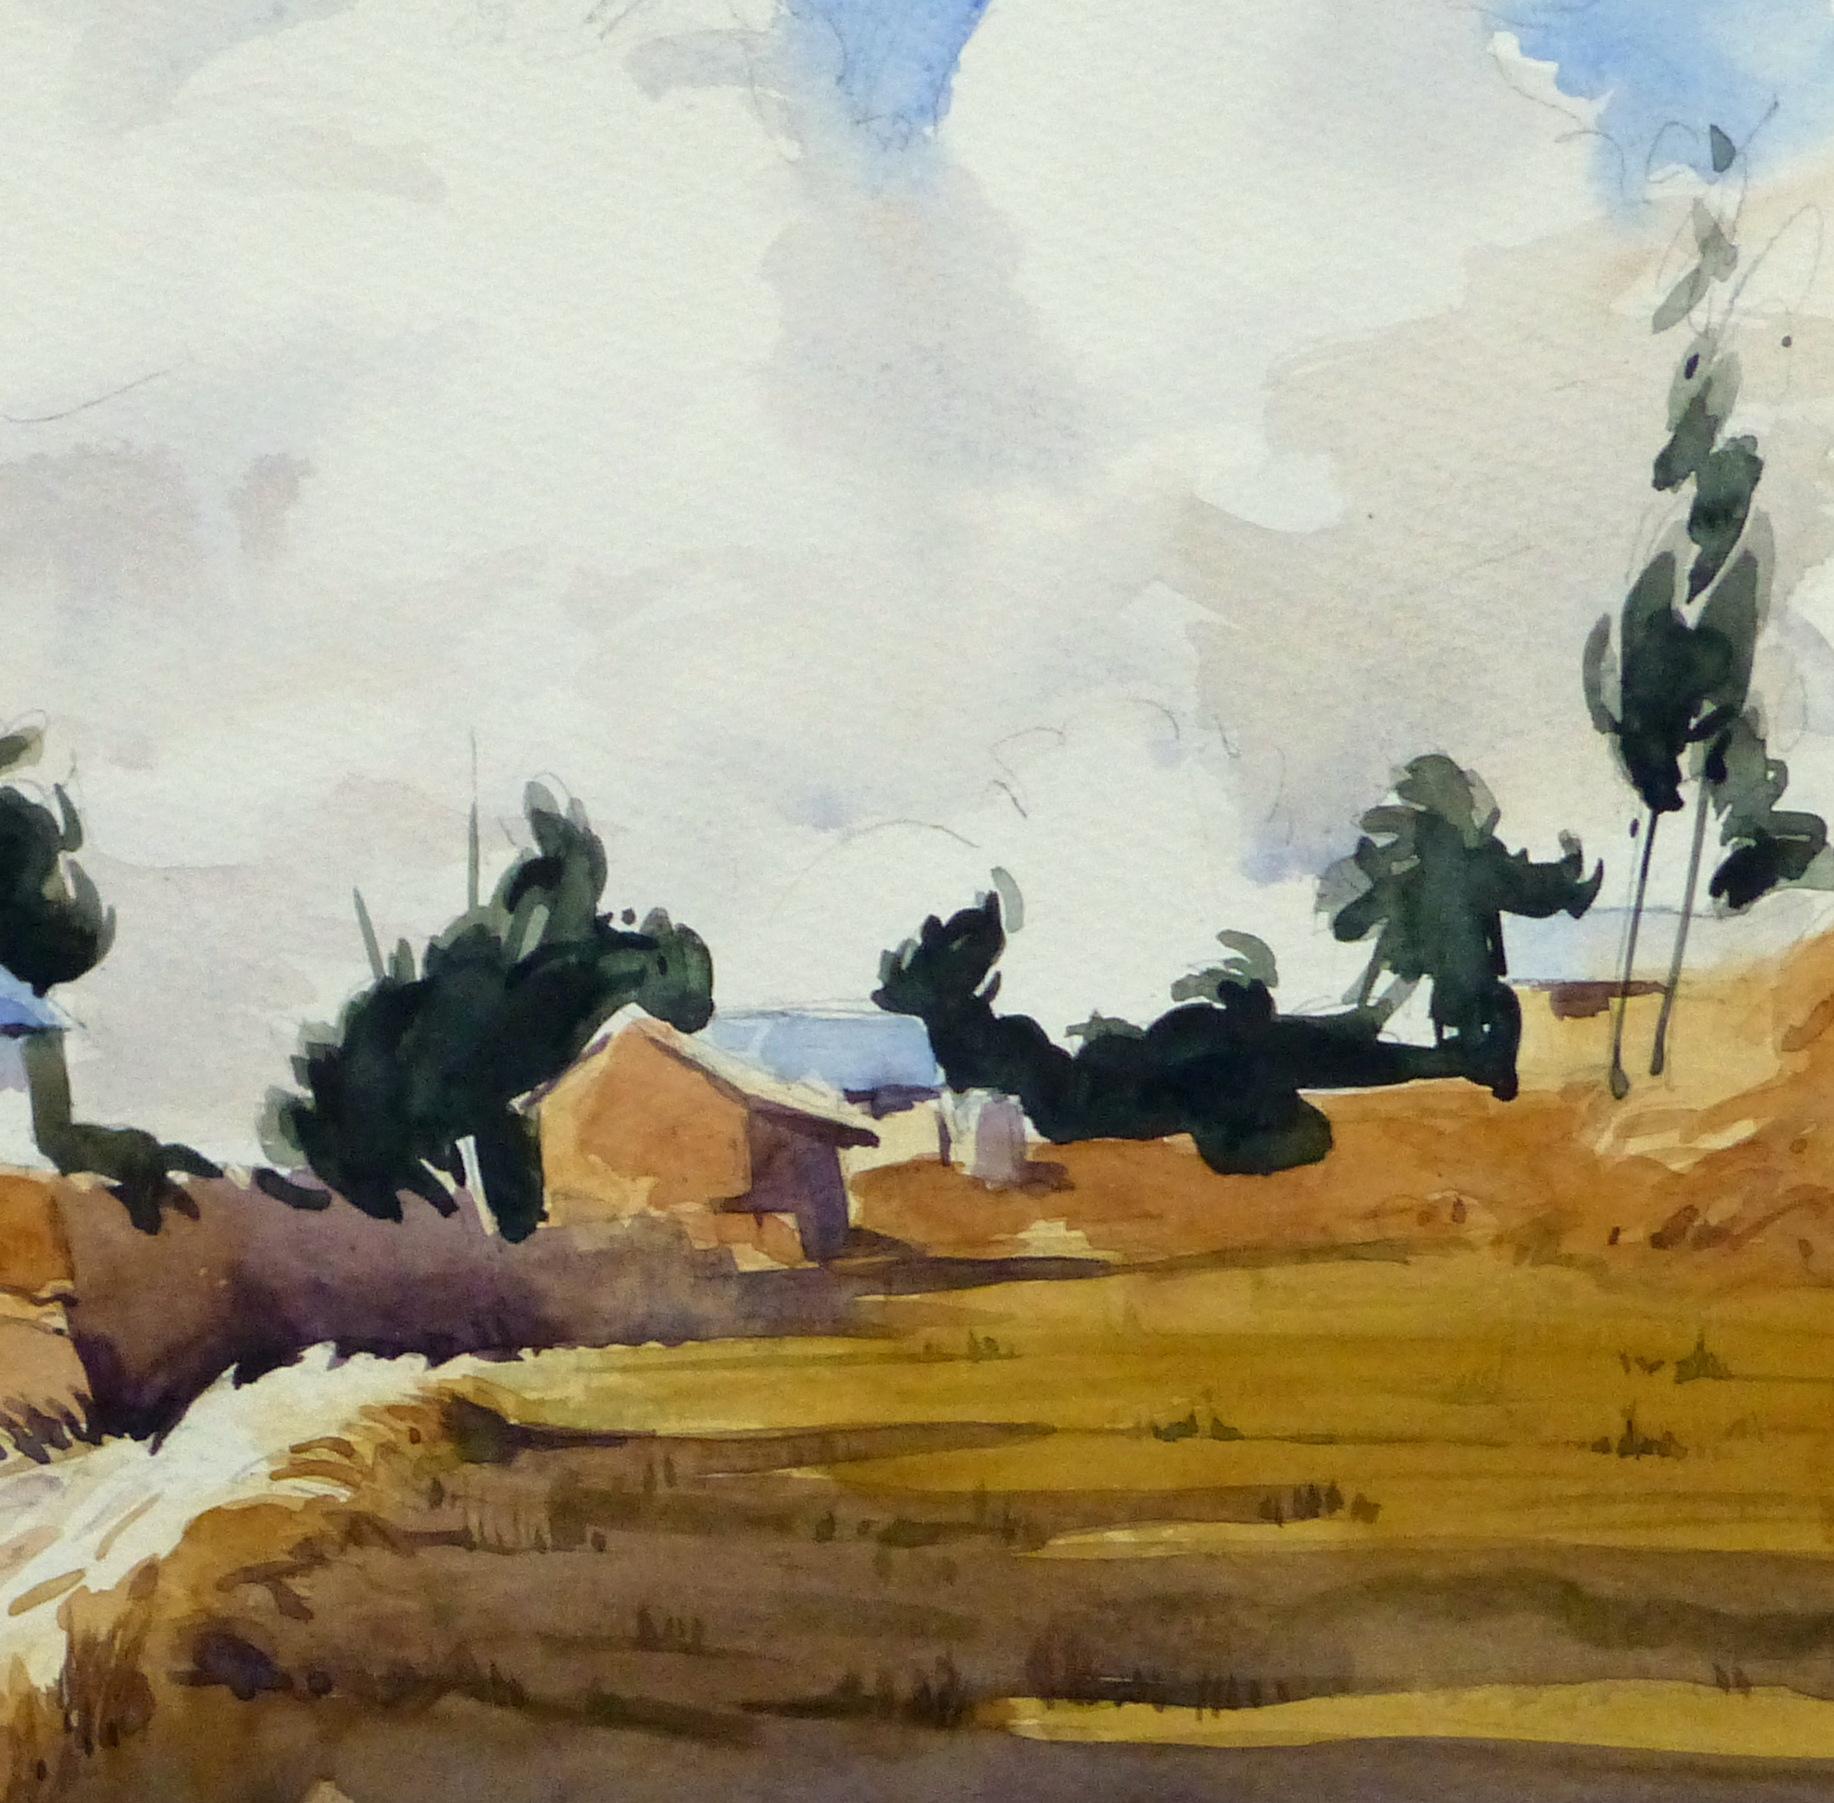 Watercolor Landscape - Rural Village, 2011-detail-10532M